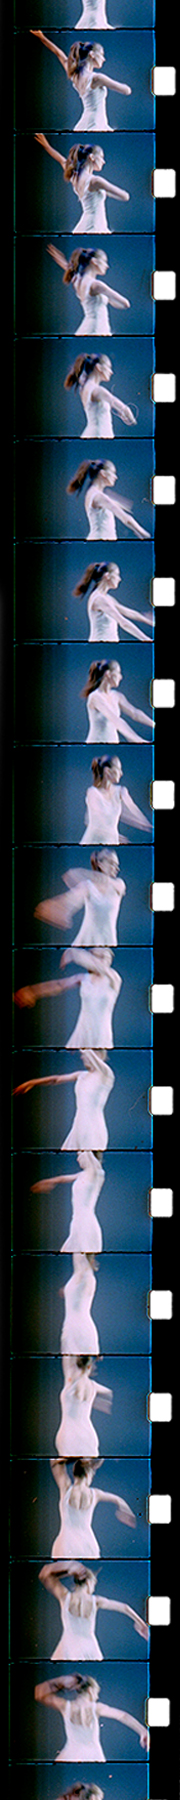 Dancing Human still 3.jpg